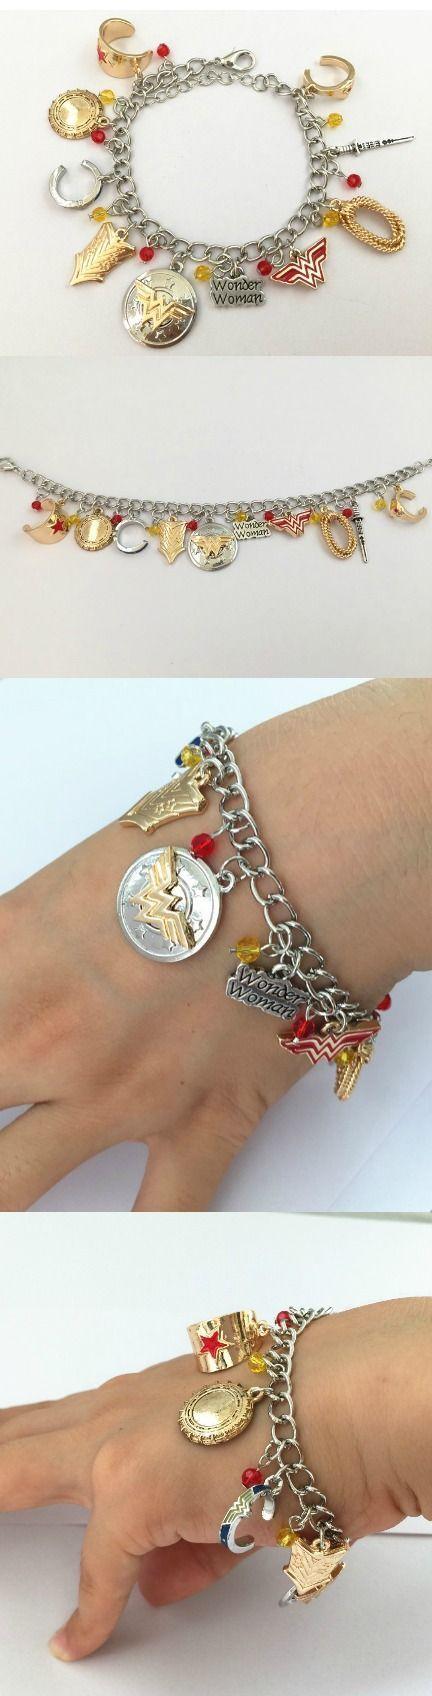 Wonderwoman bracelet vintage  wonder woman cuff bangle retro